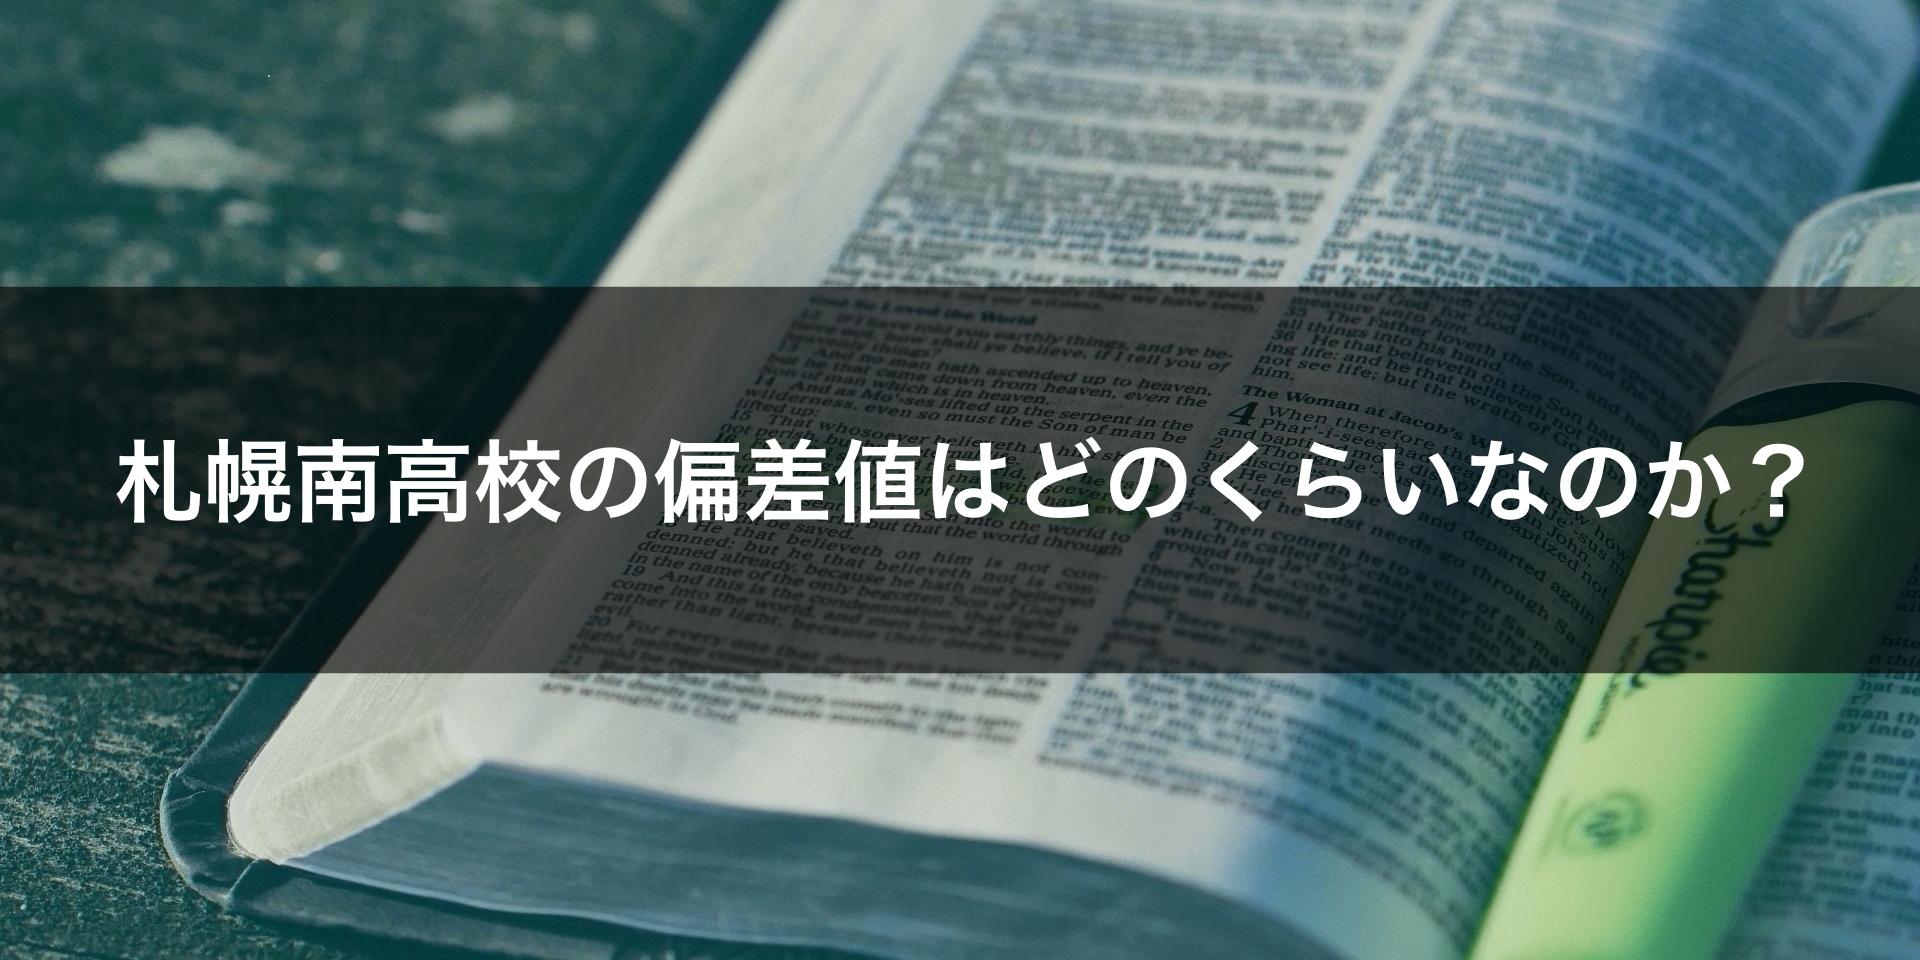 札幌南高校の偏差値はどのくらいなのか?